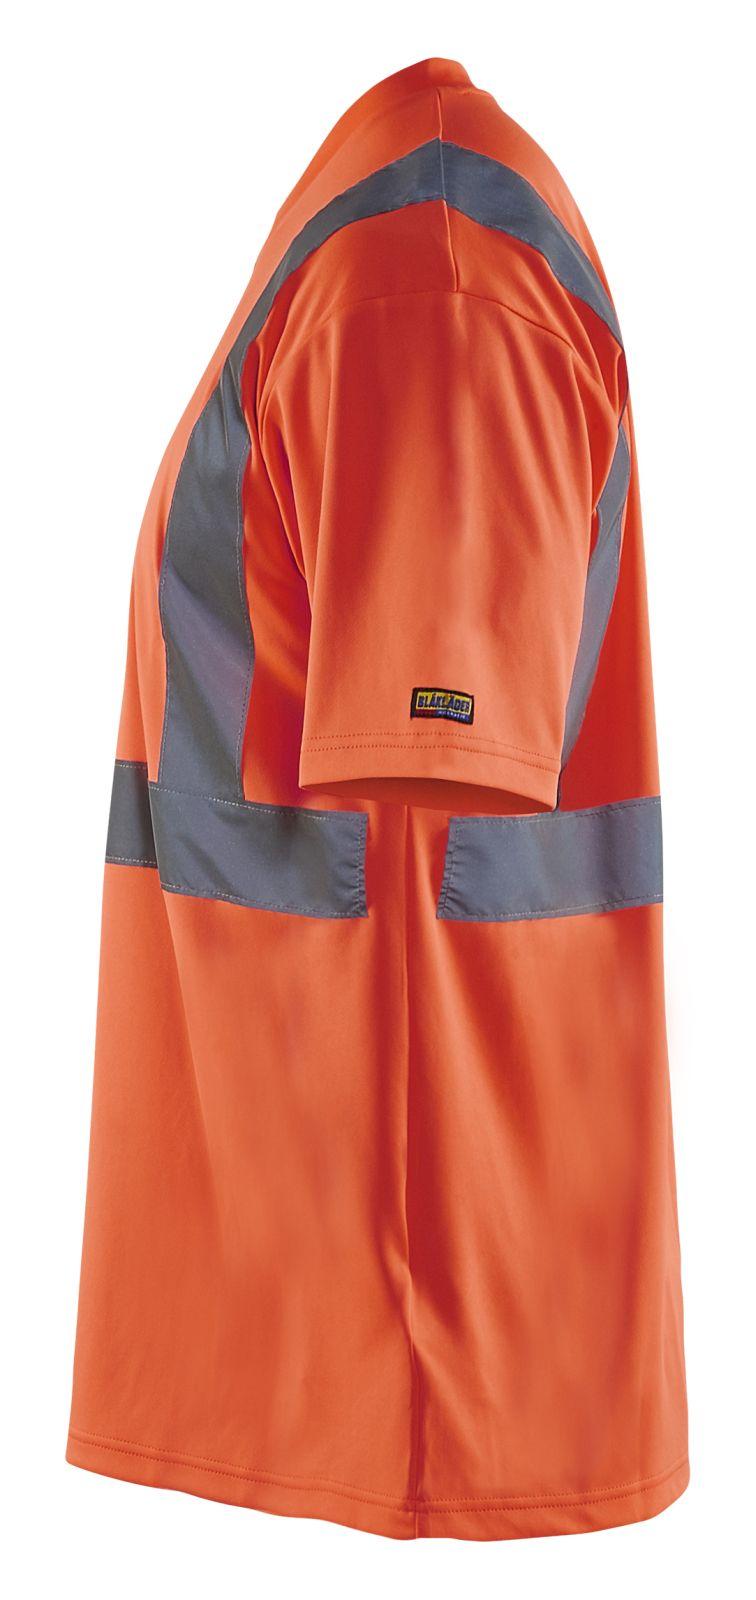 Blaklader T-shirts 33131009 High Vis fluo-rood(5500)